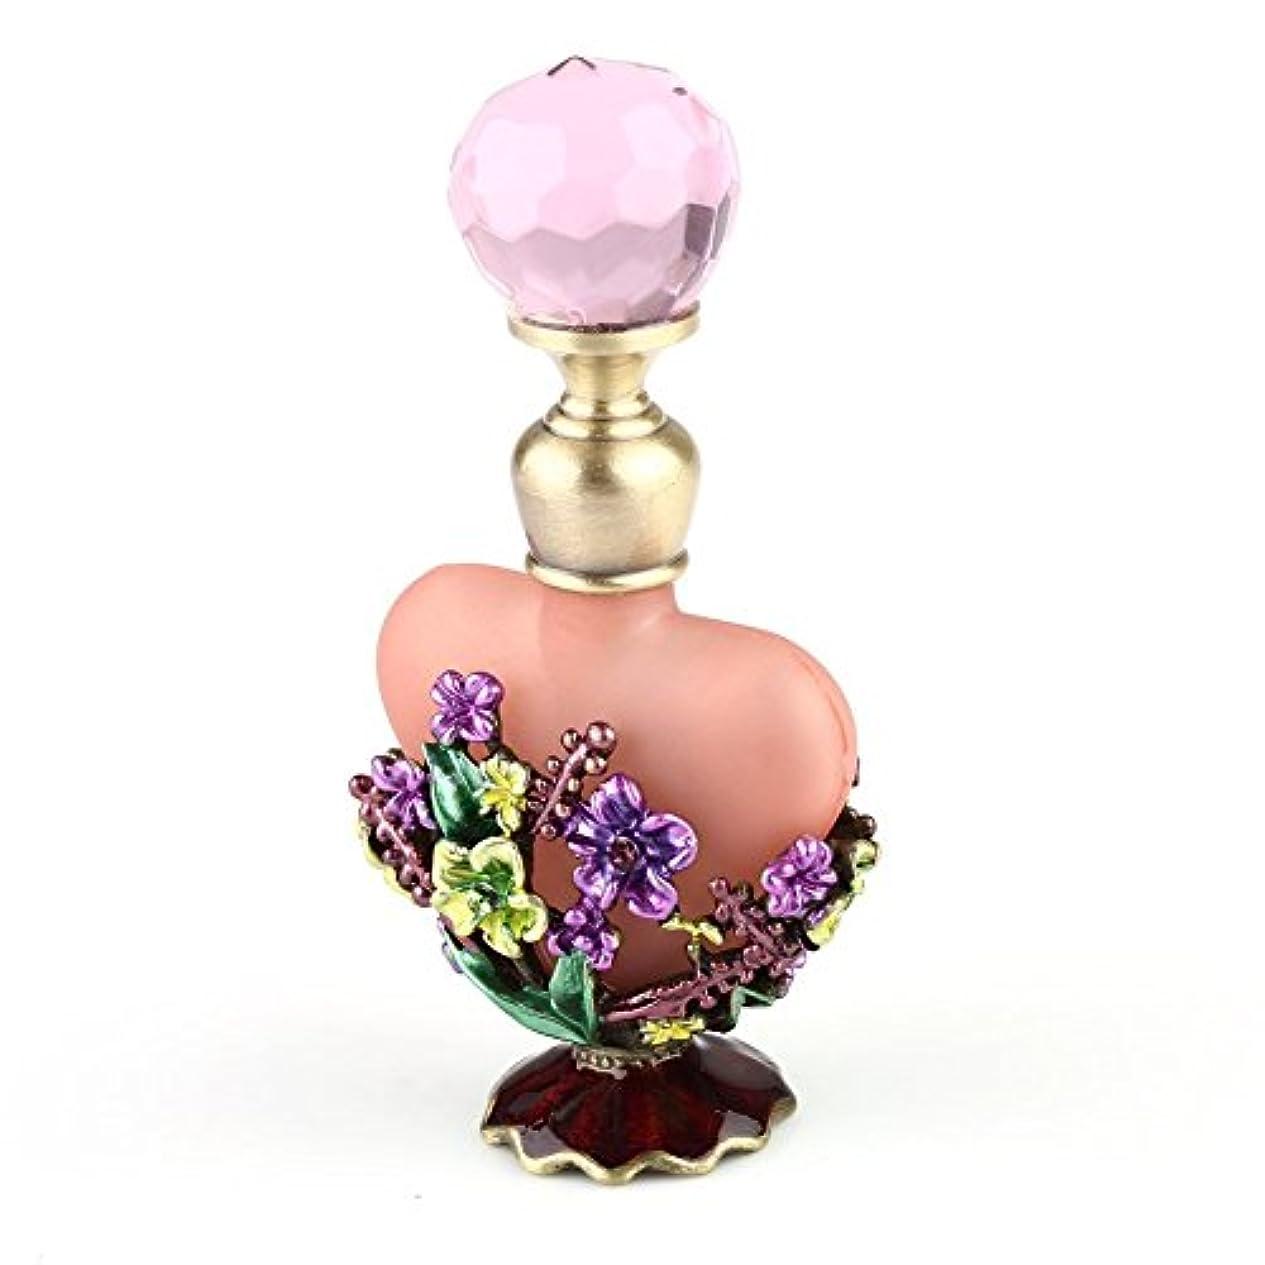 急いで精神許されるVERY100 高品質 美しい香水瓶/アロマボトル 5ML ピンク アロマオイル用瓶 綺麗アンティーク調フラワーデザイン プレゼント 結婚式 飾り